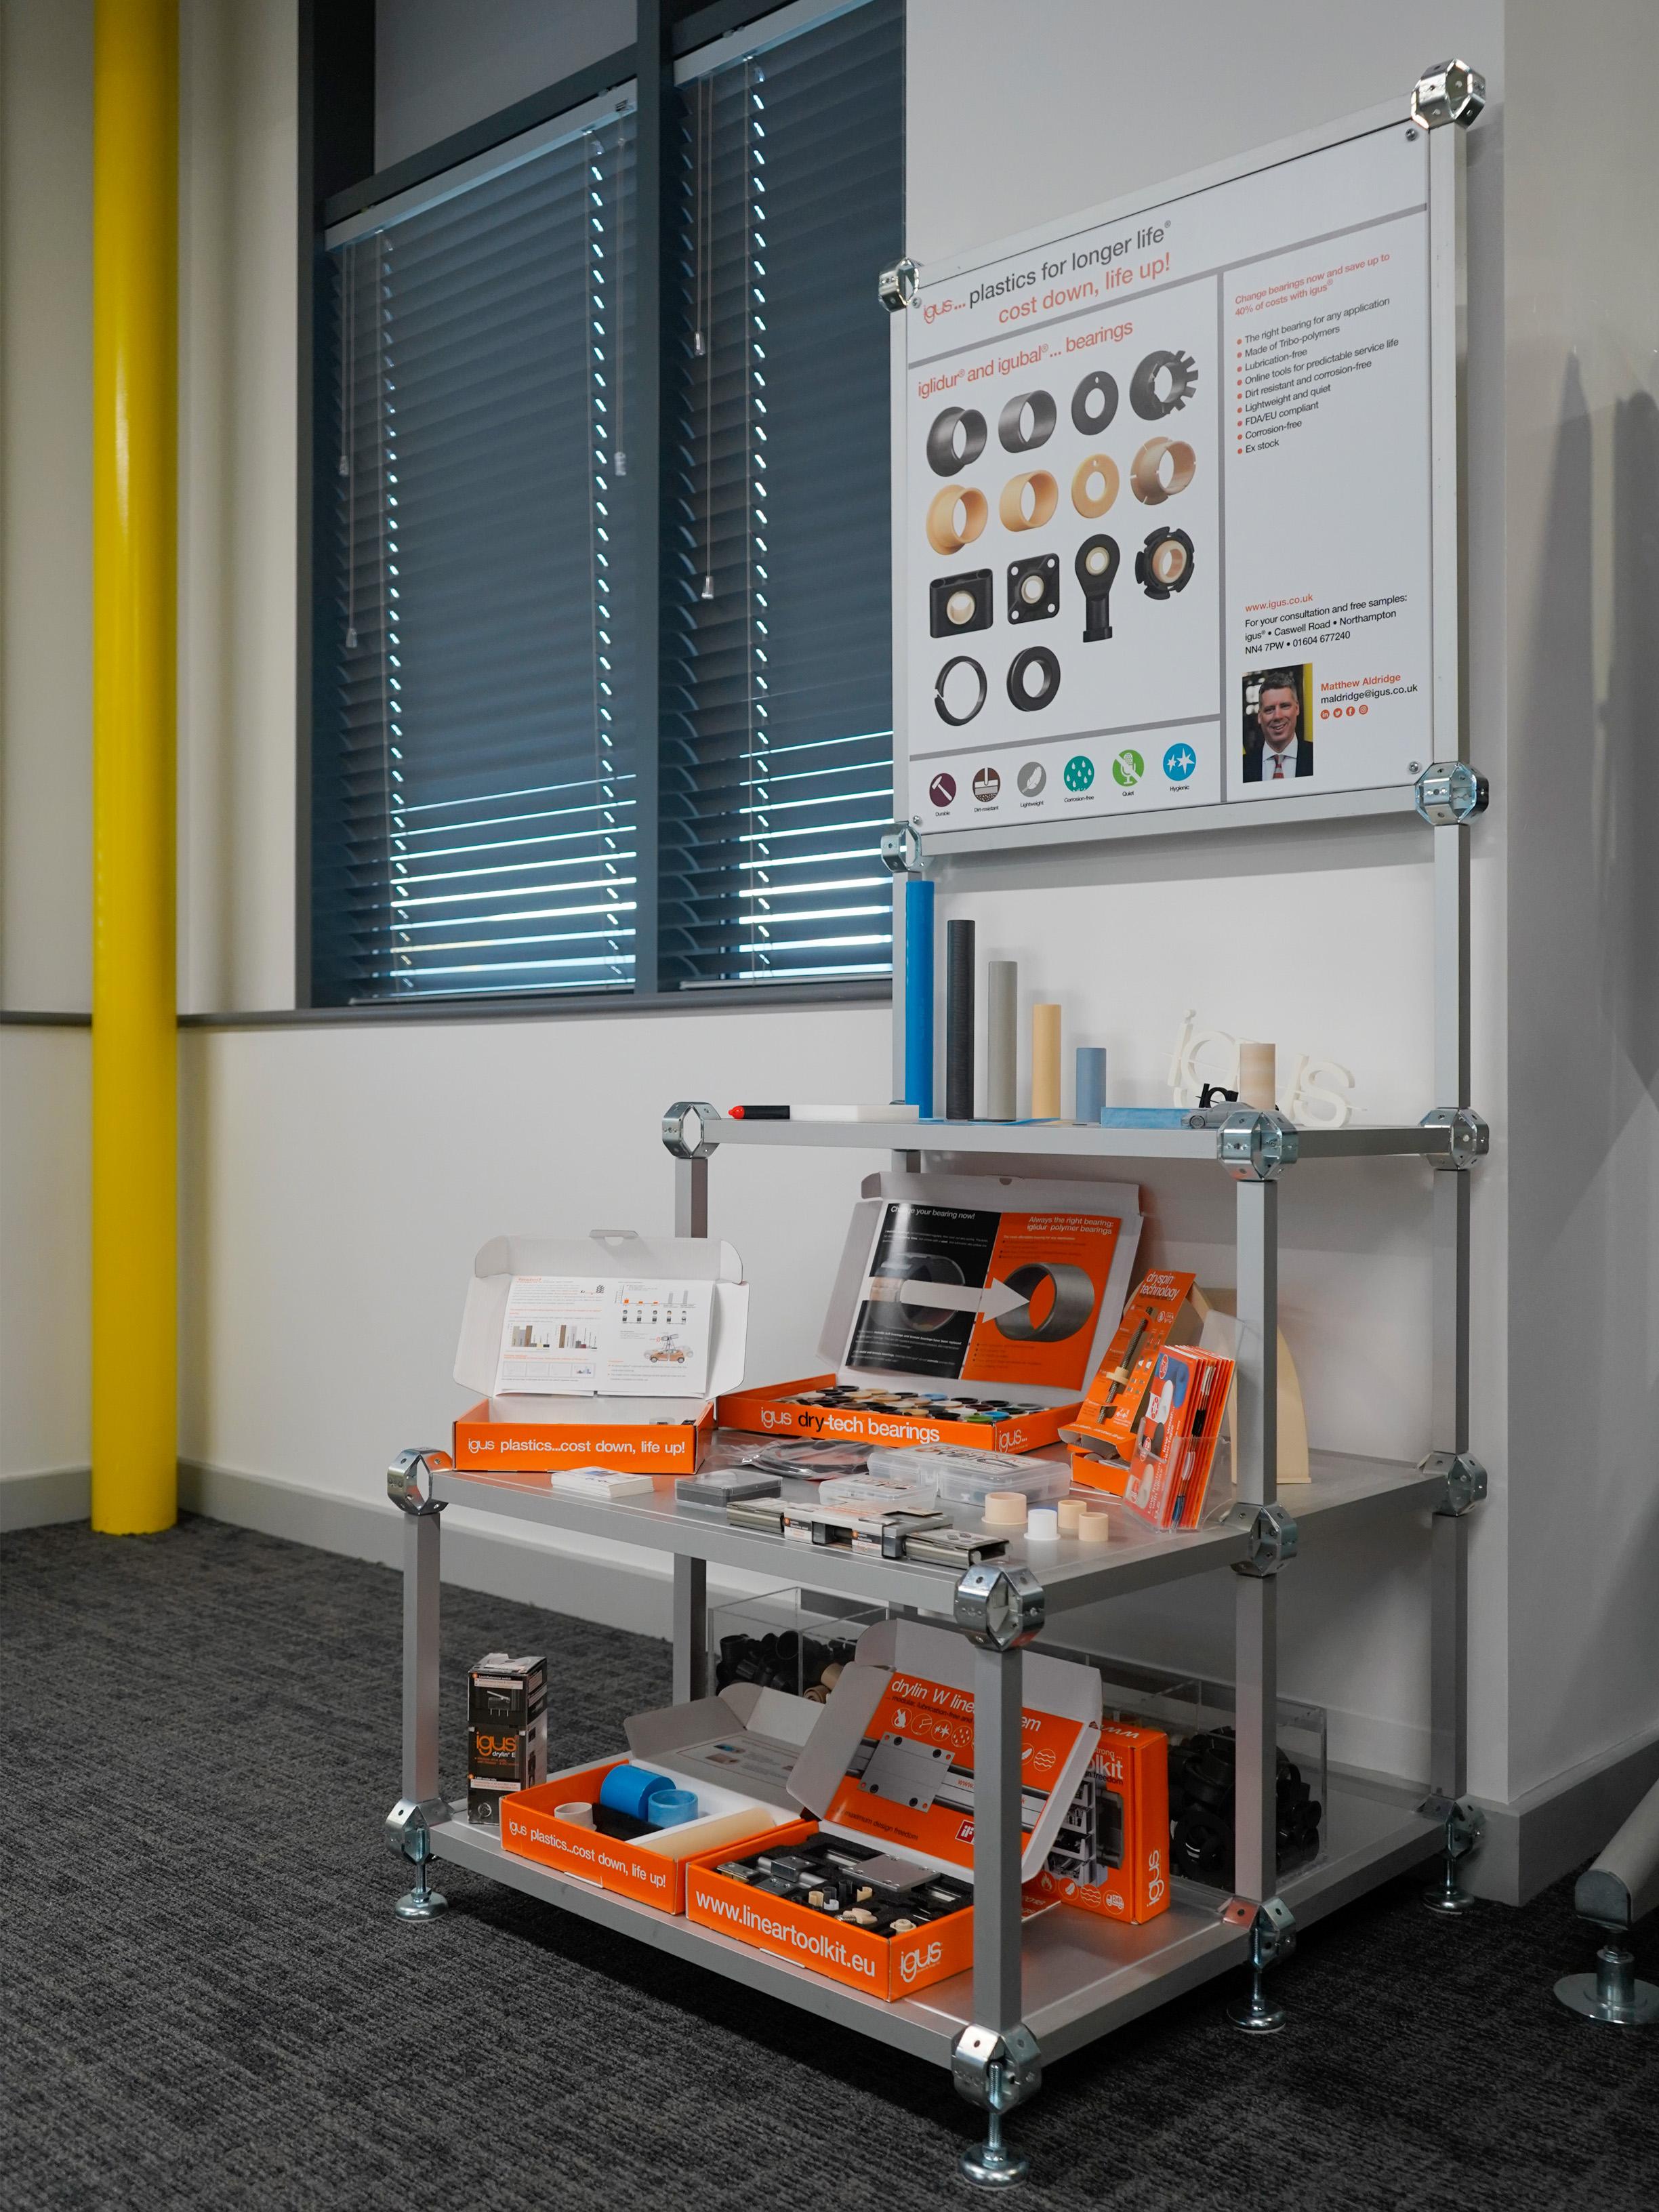 igus innovation display